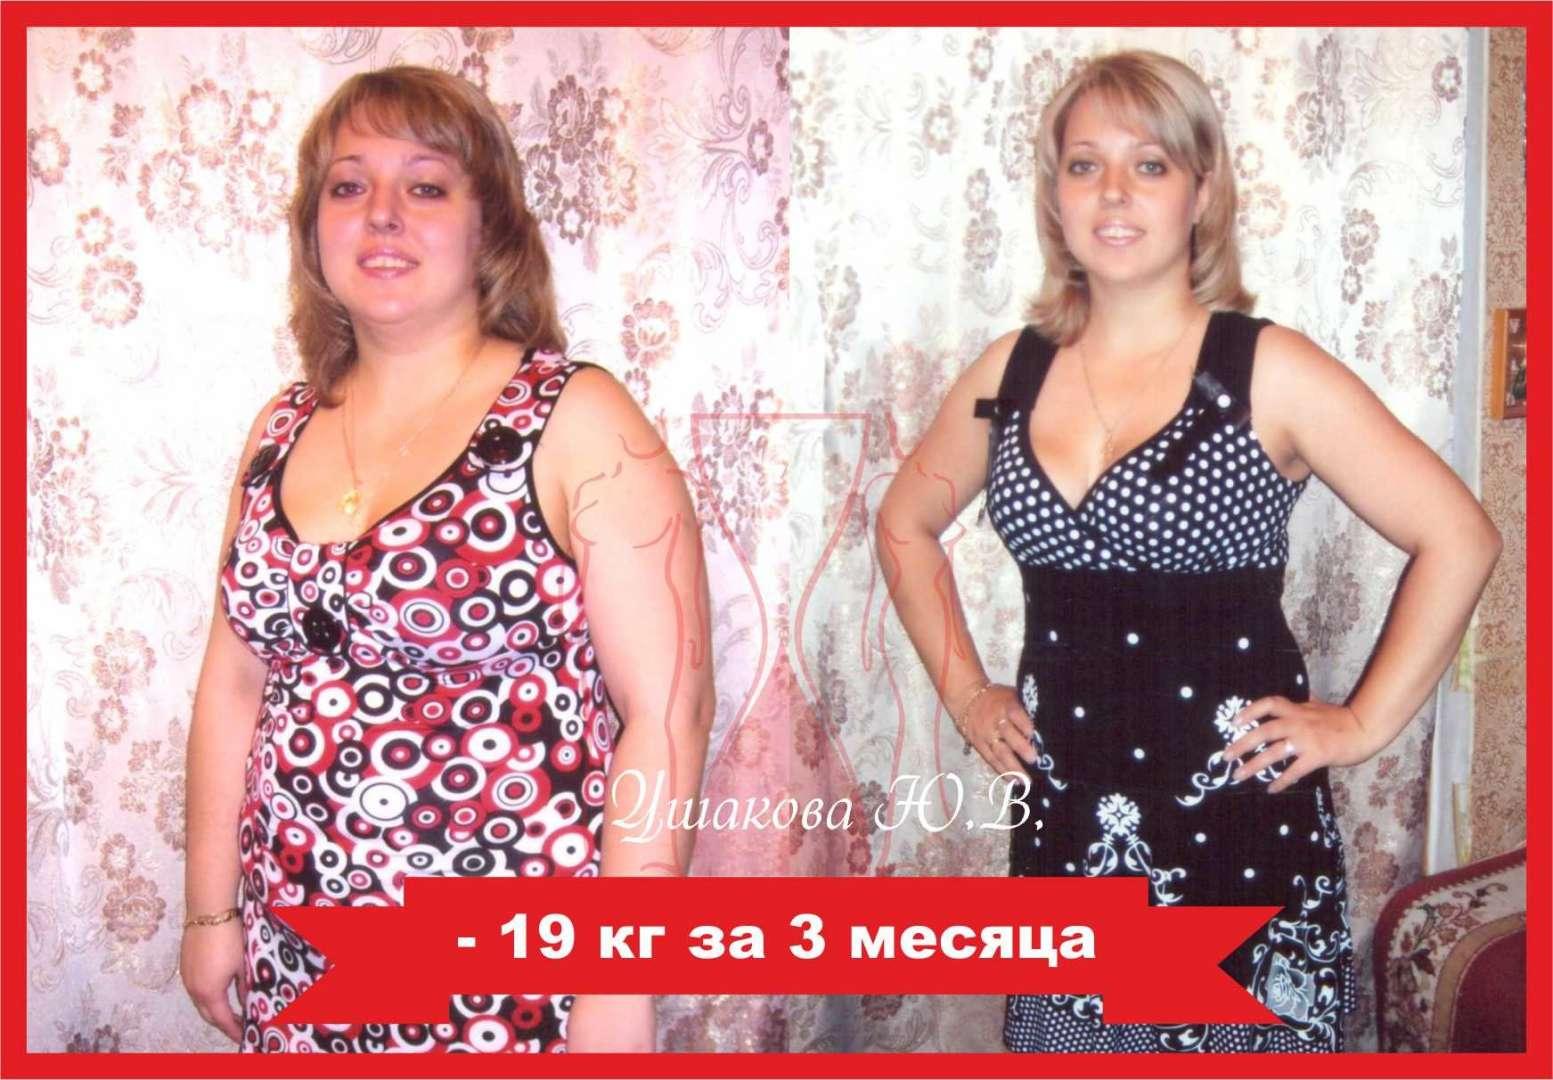 Славянская Клиника Центр Похудения.